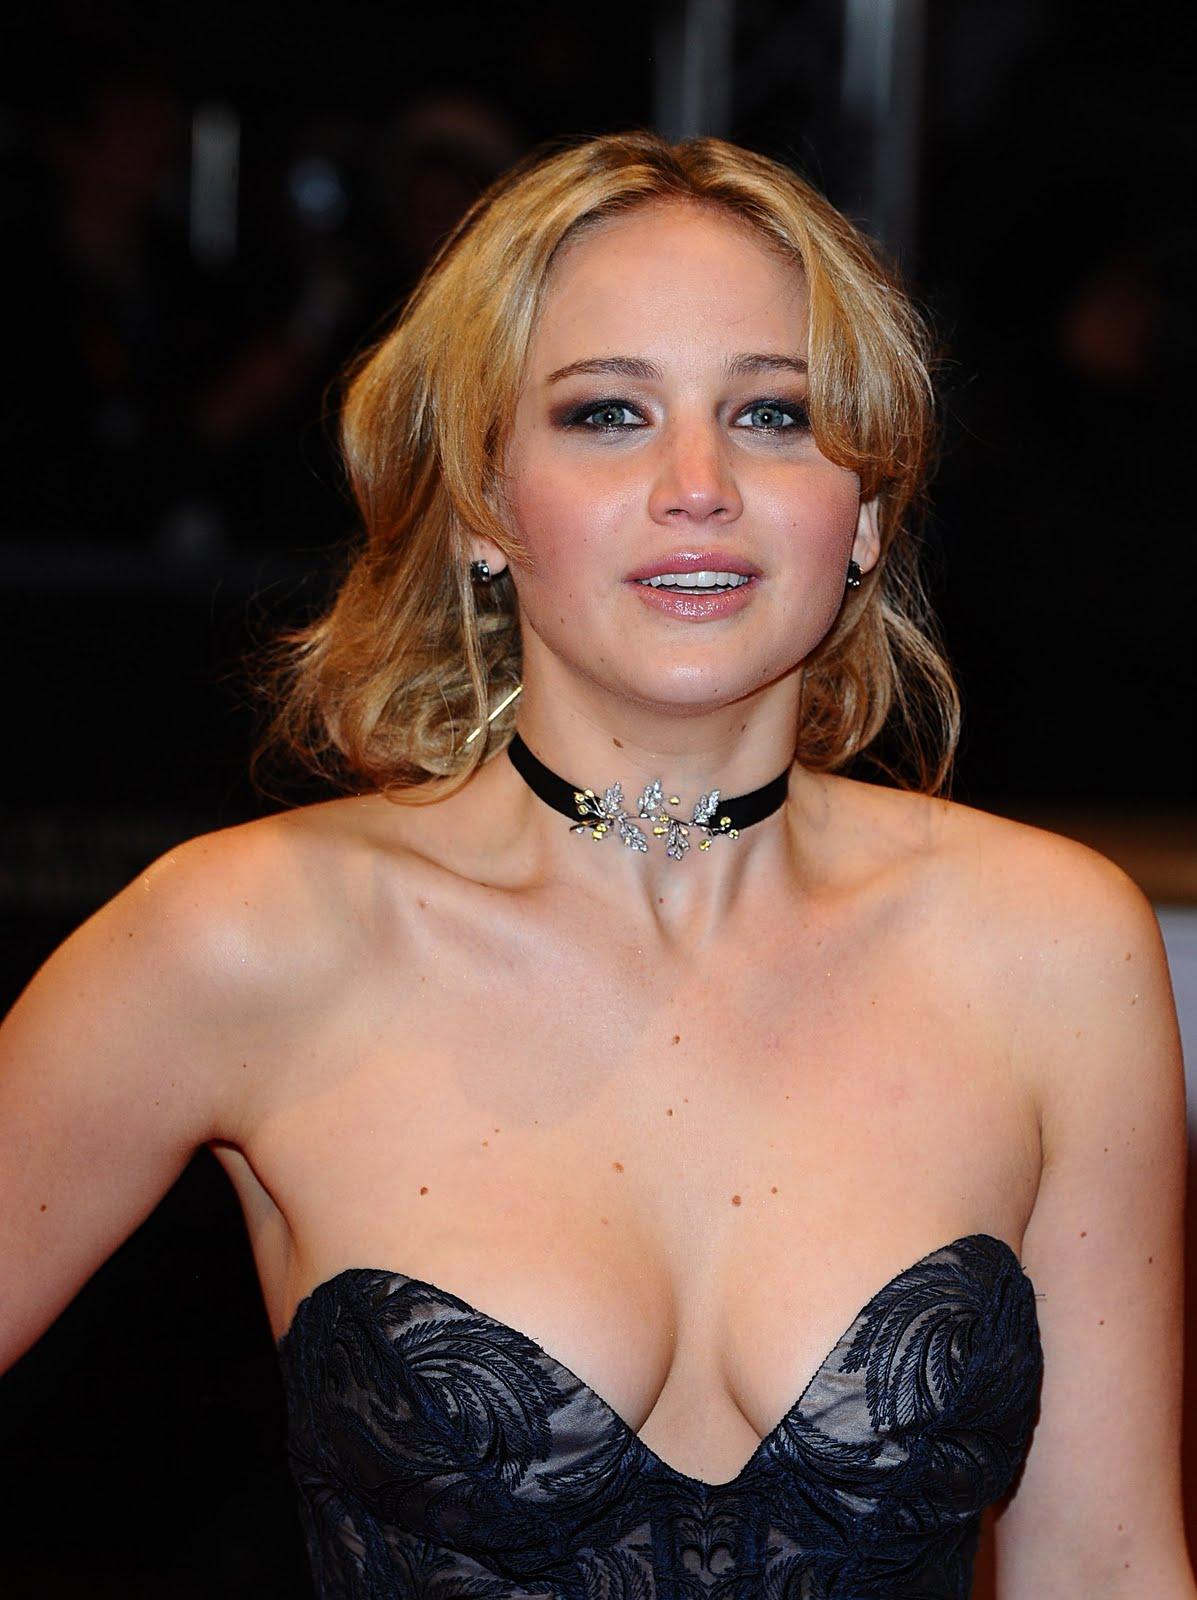 Jennifer lawrence sex video